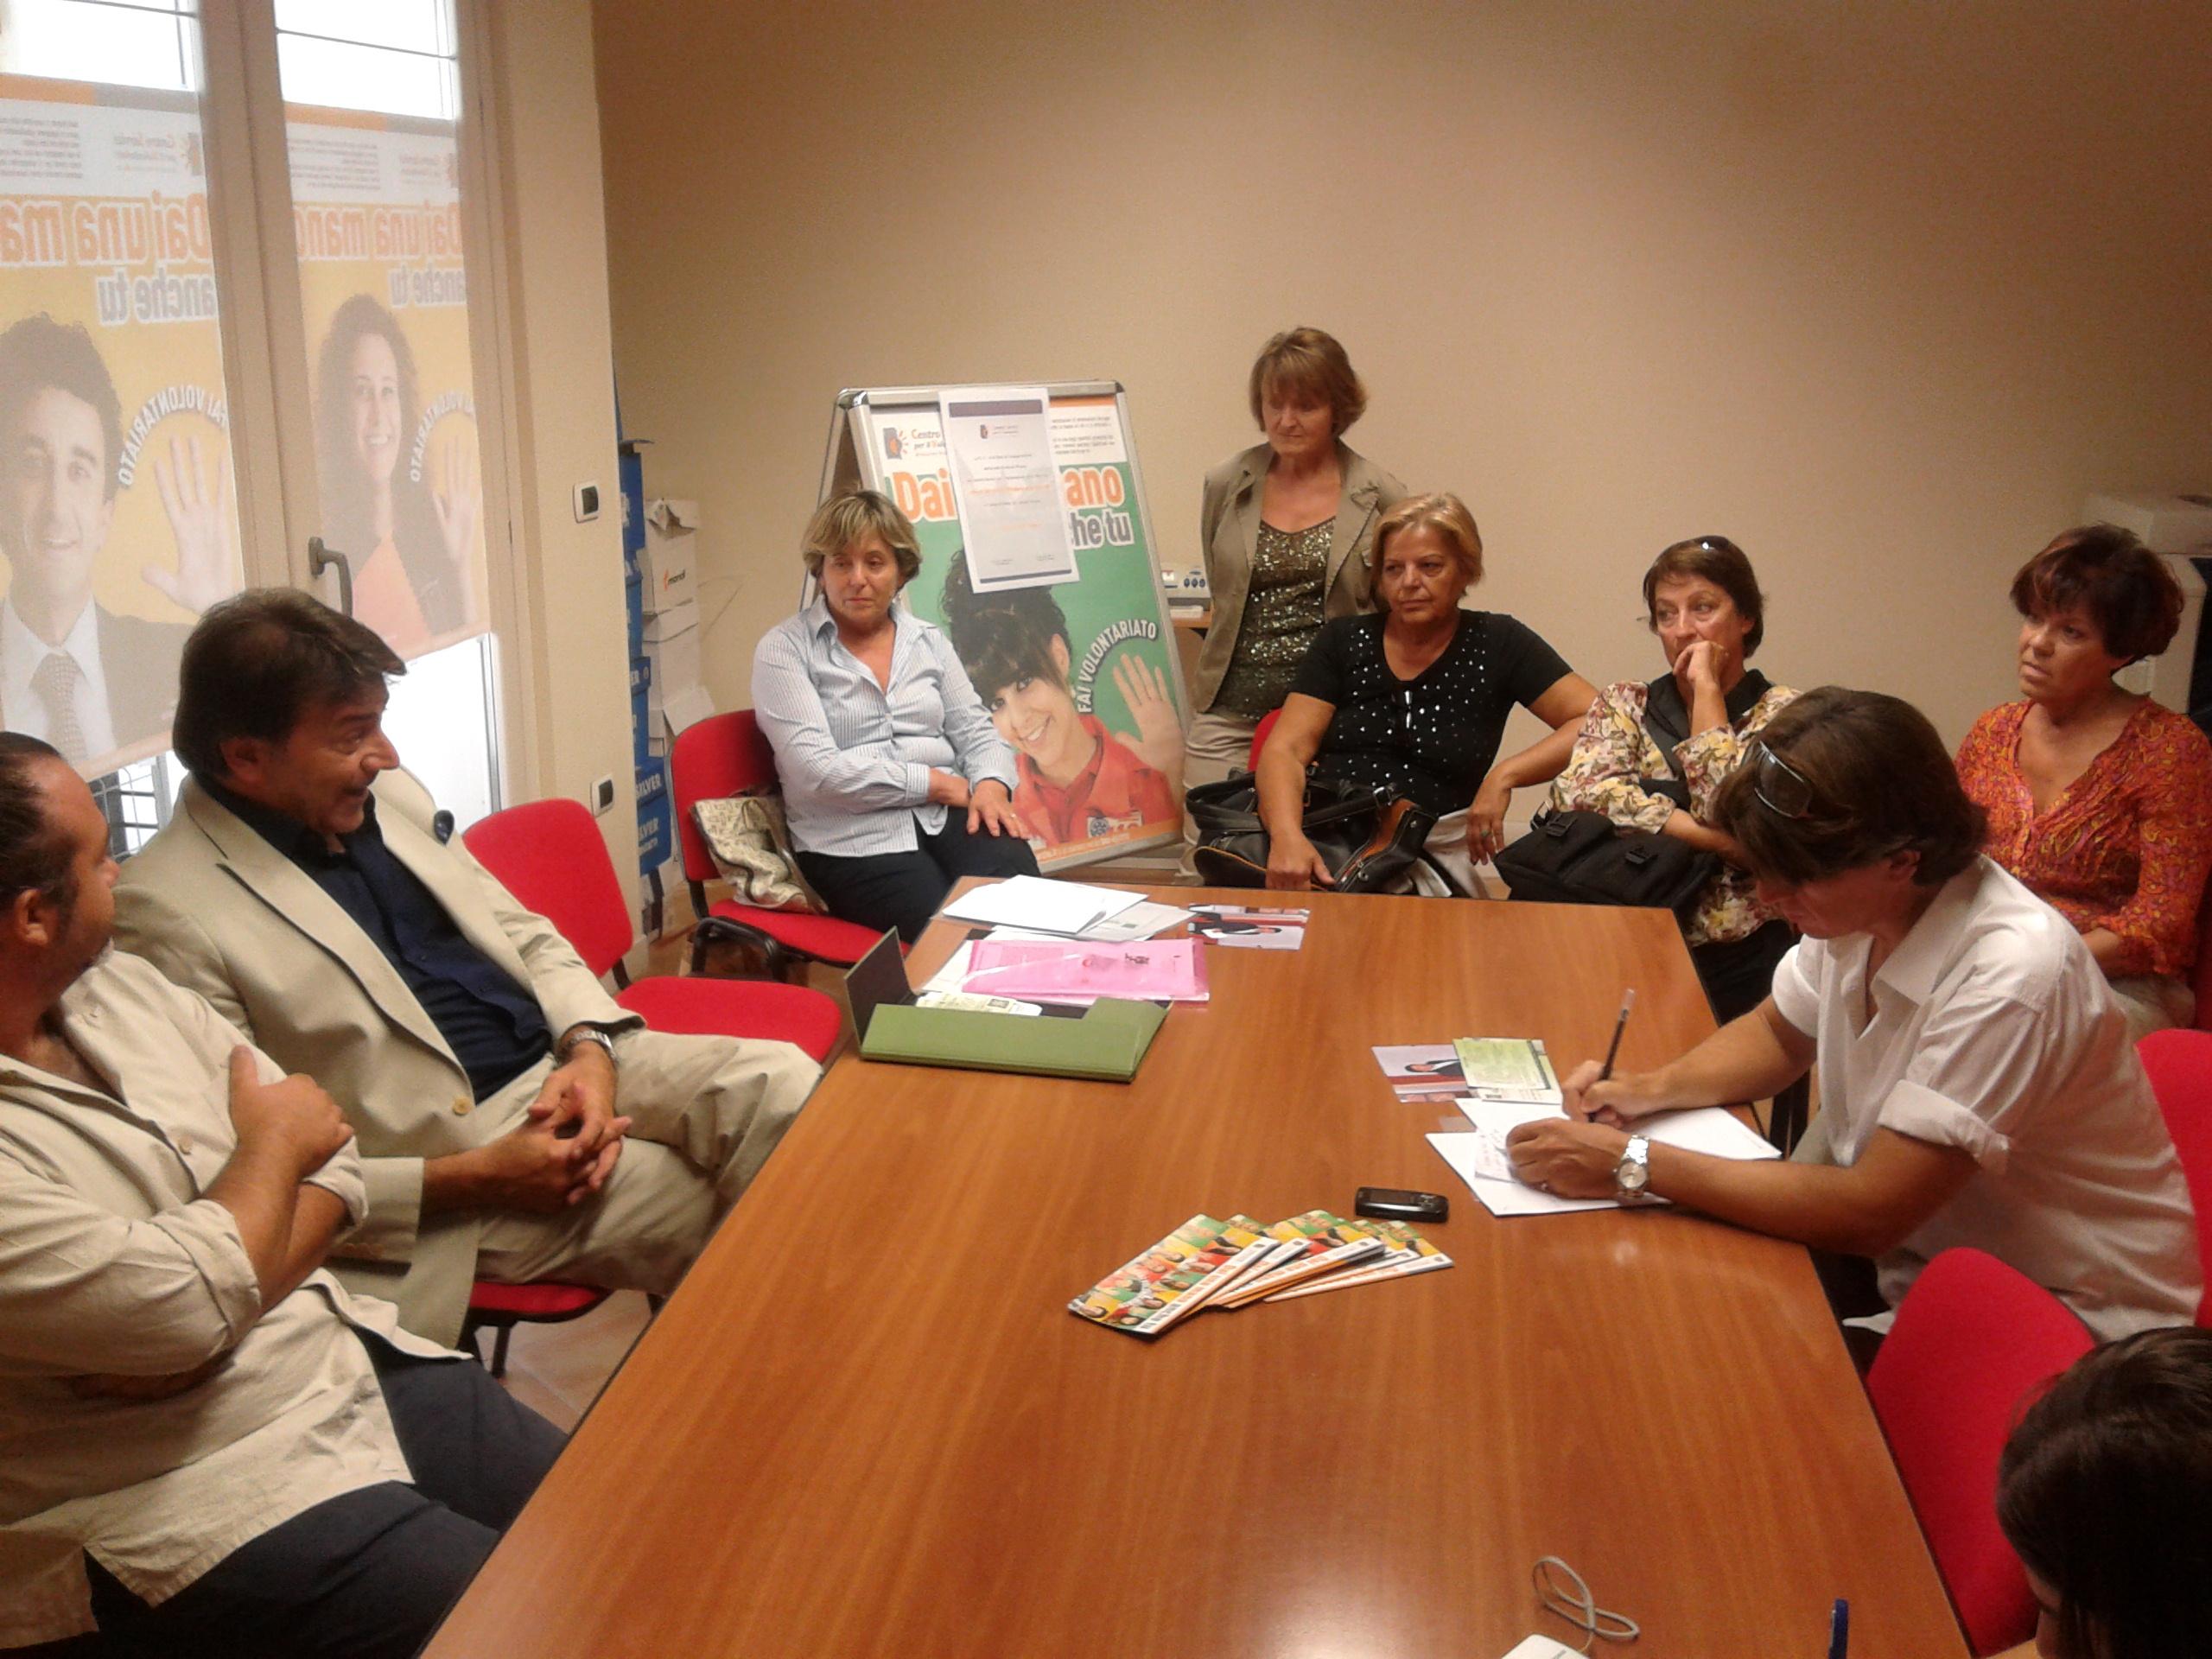 La conferenza con il dott. Pancotti e le volontarie